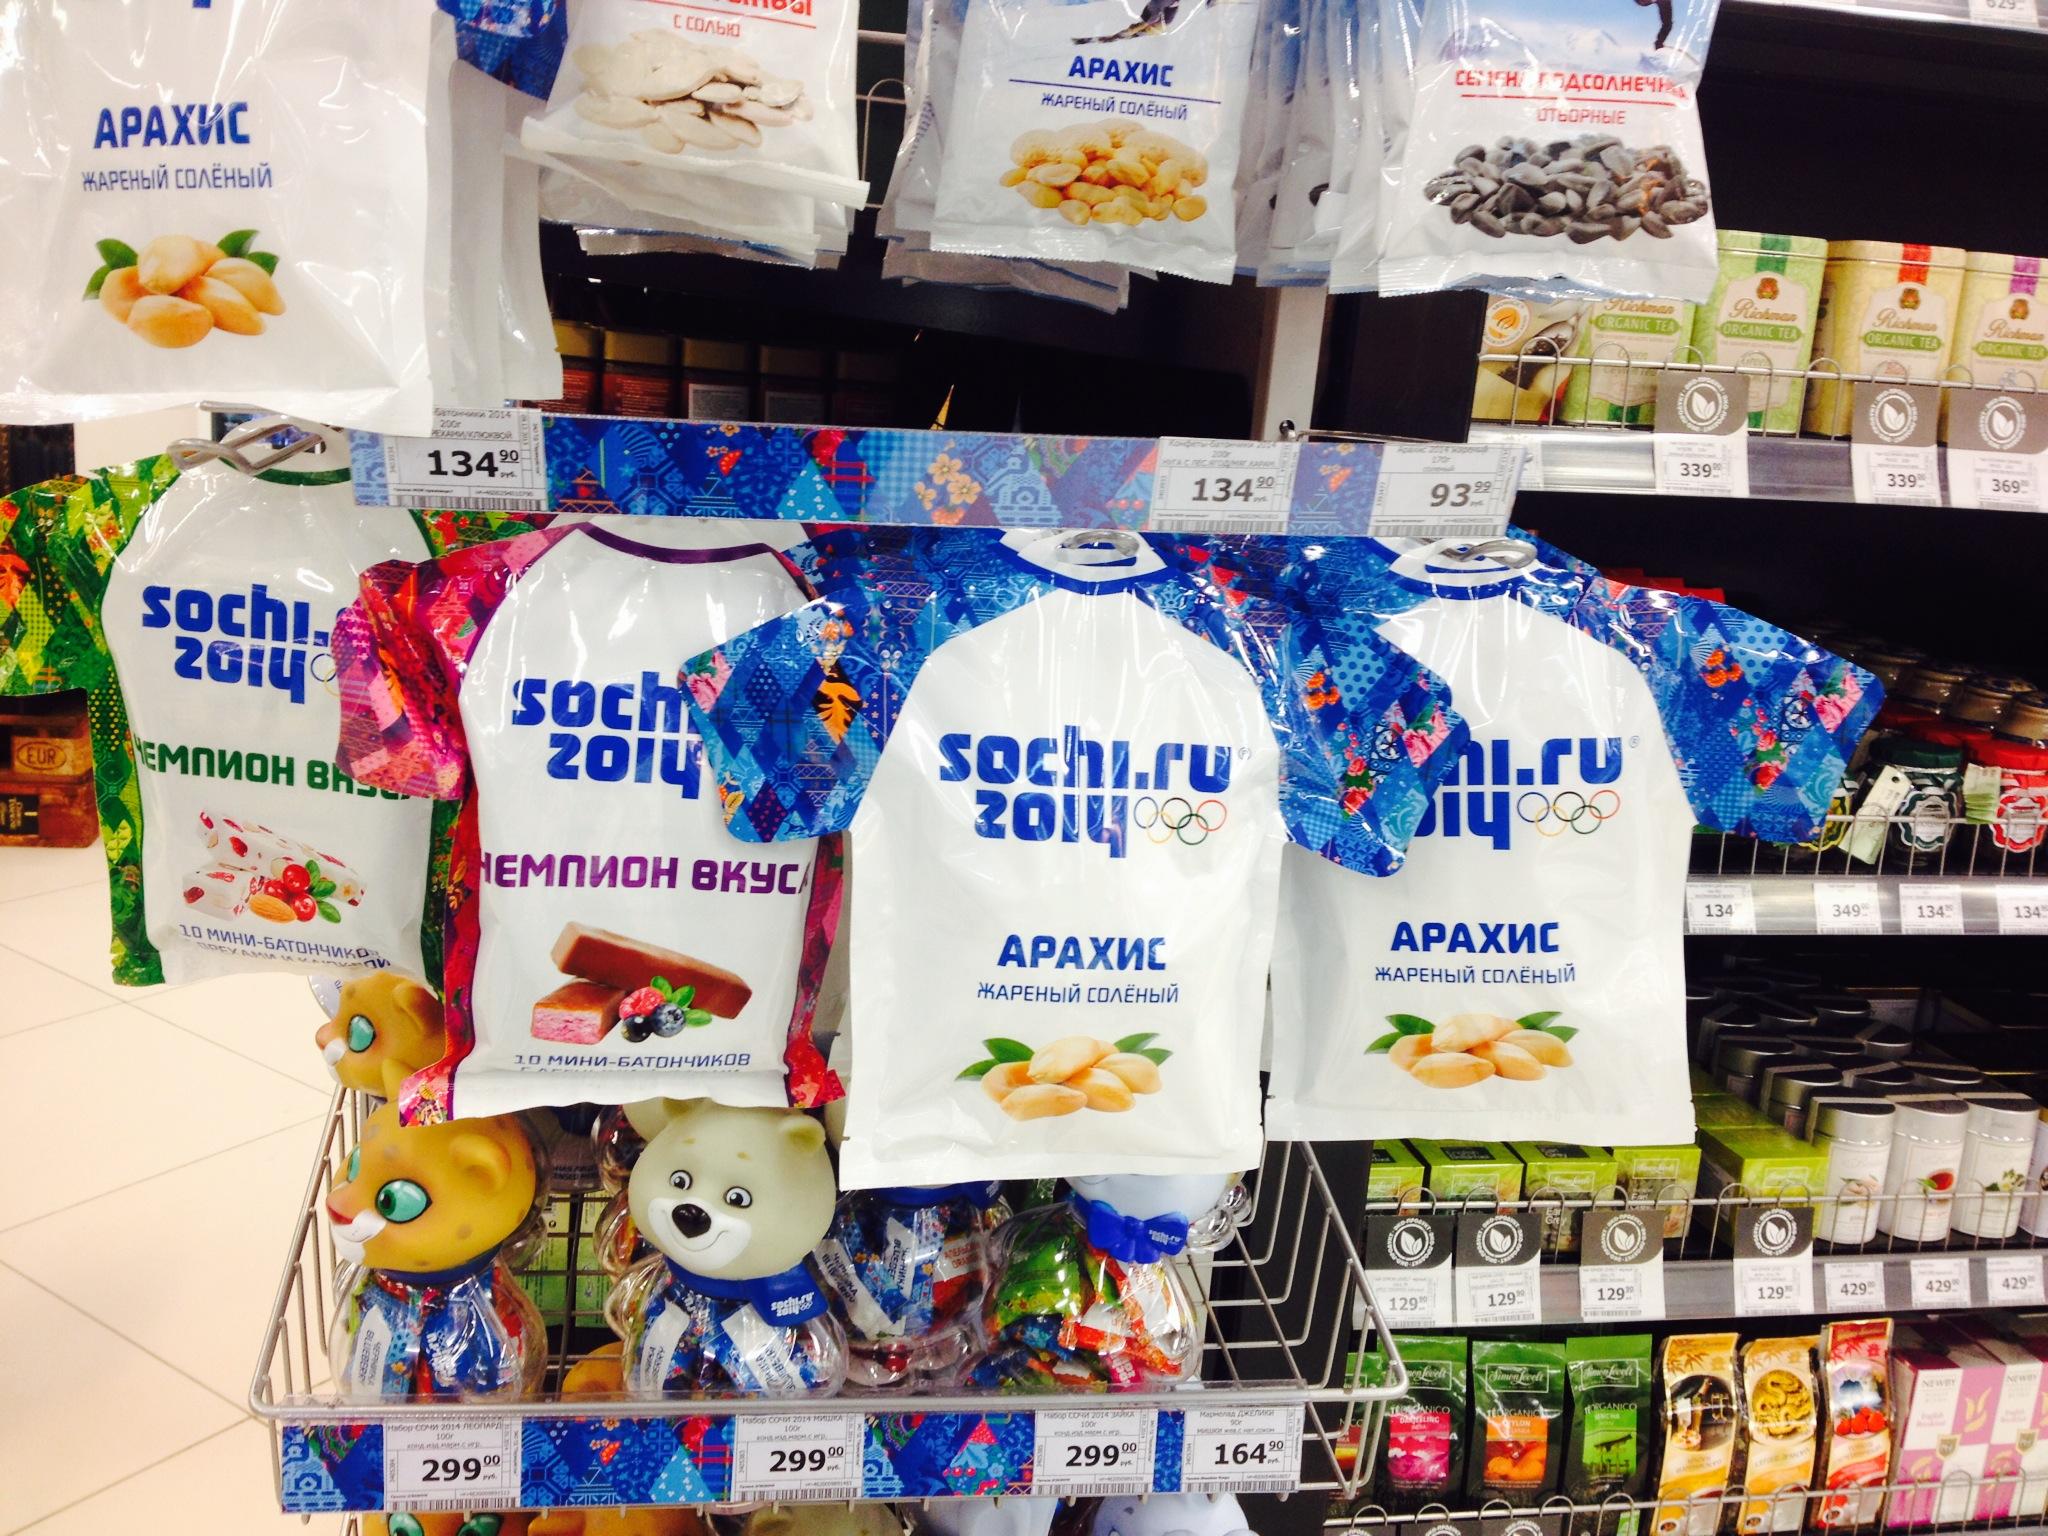 Das hässliche Sochi-Muster als Bonbontüte